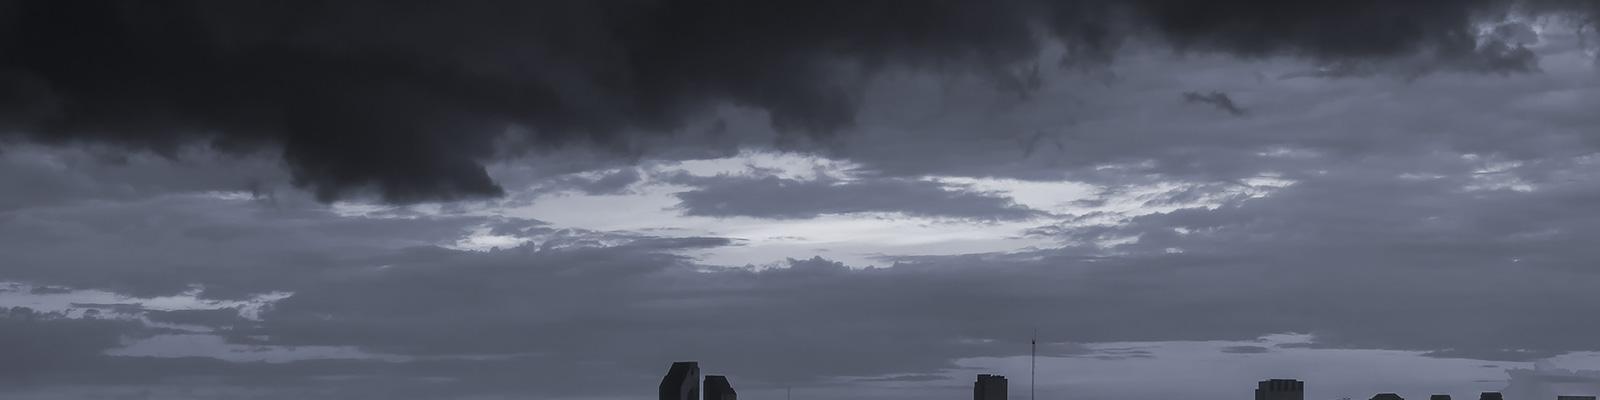 天気 悪天候 災害 イメージ